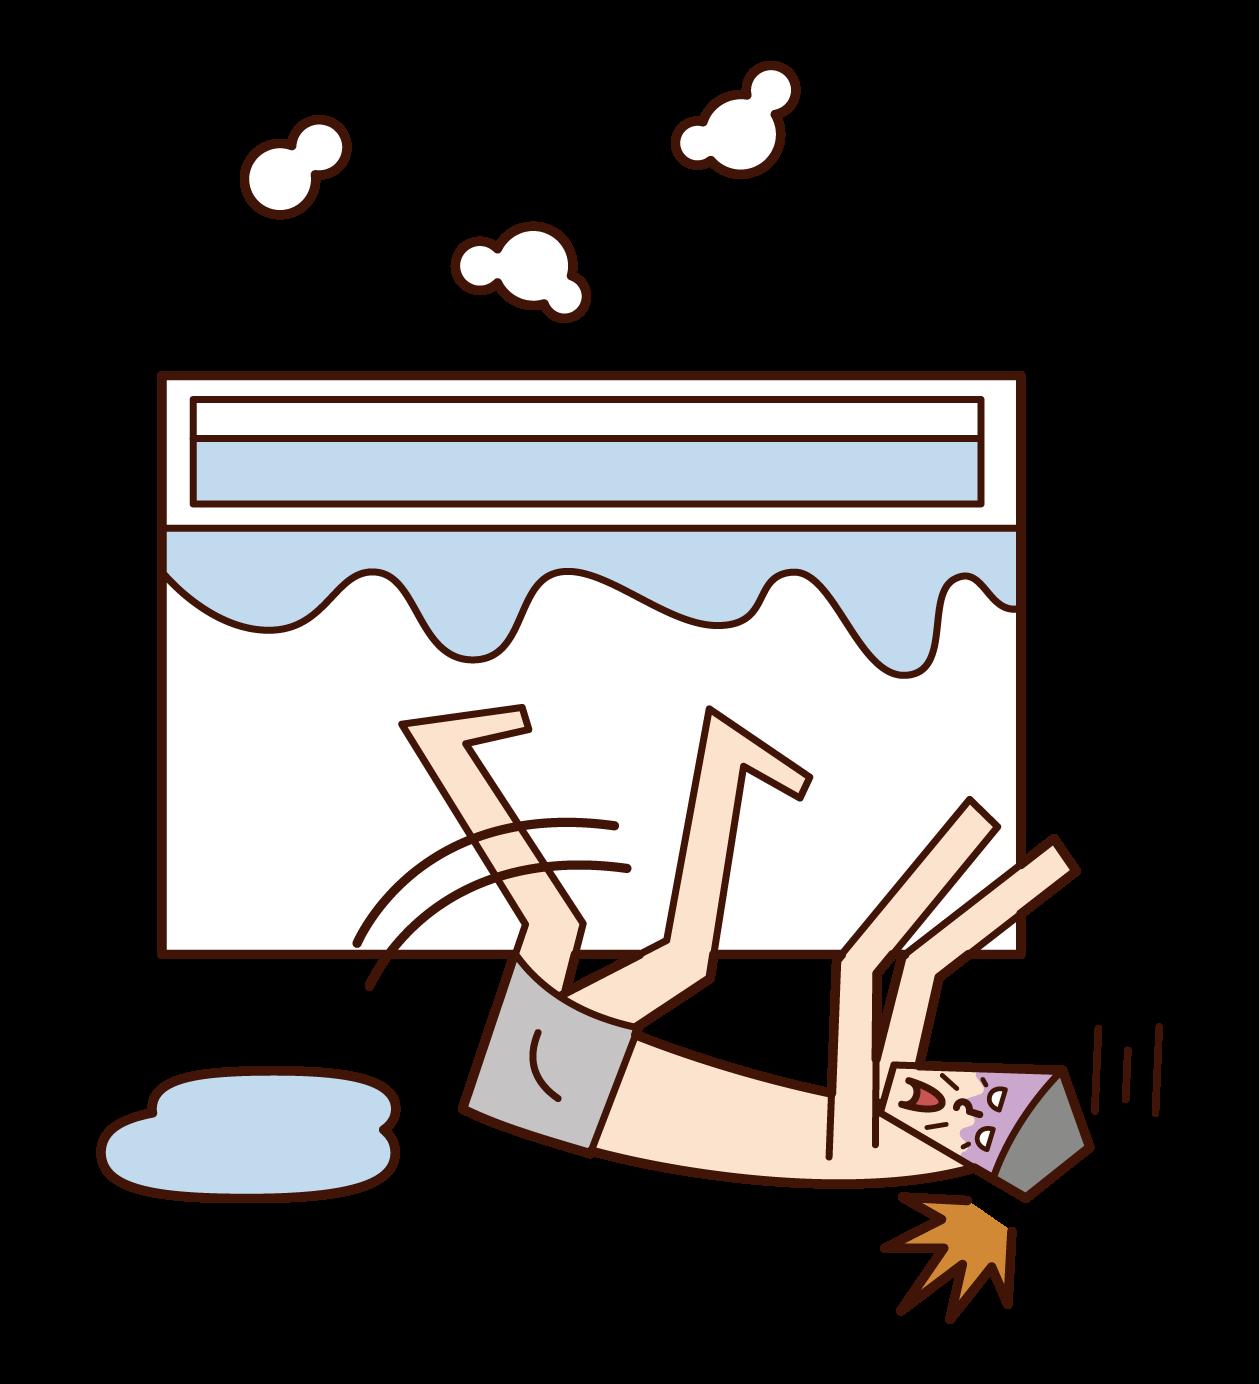 風呂場で転倒する人(おじいさん)のイラスト